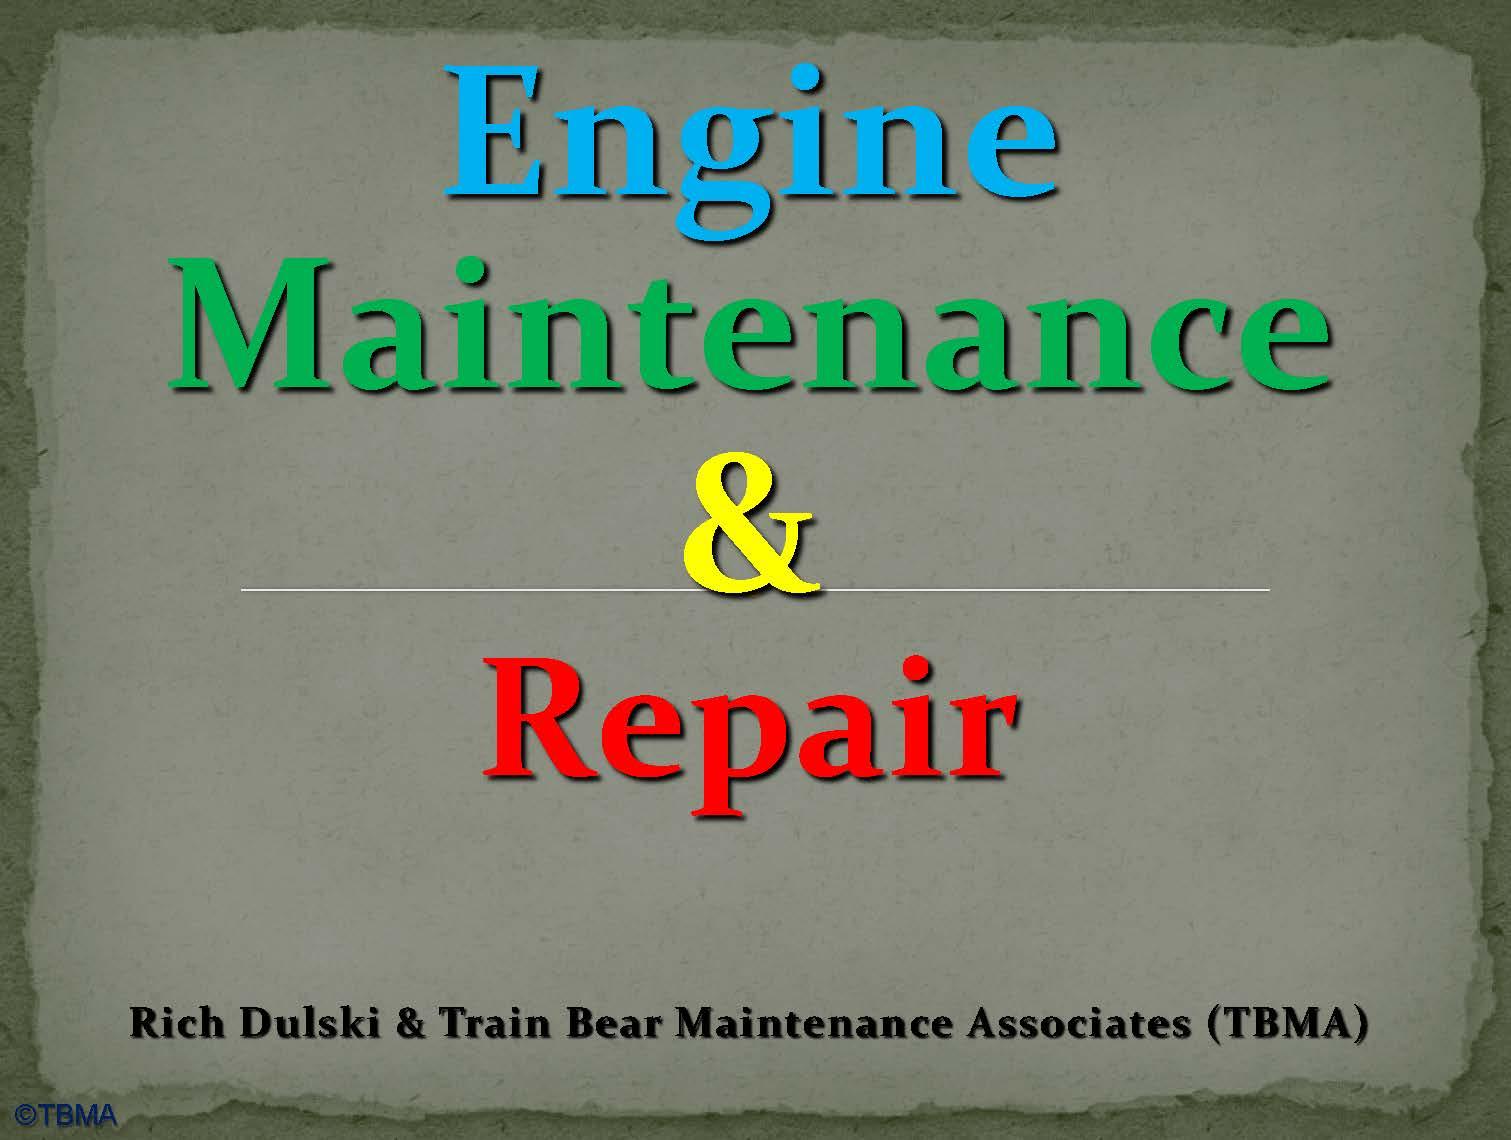 Engine Maintenance & Repair Pr Condensed For Website Posting 1.jpg